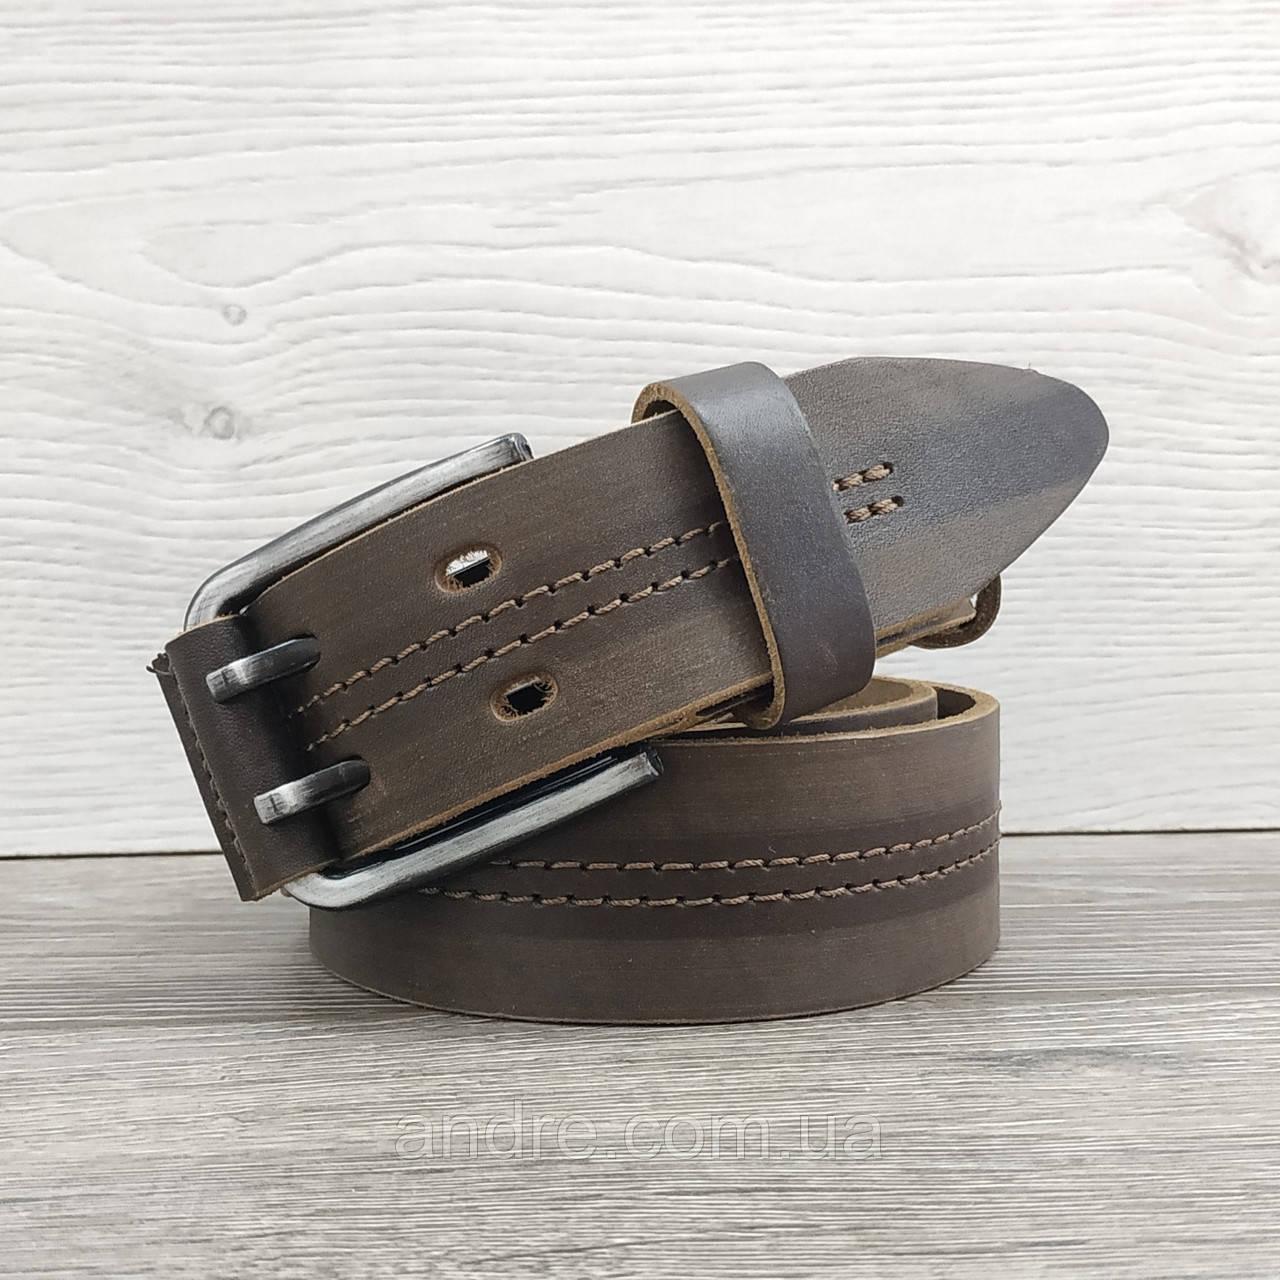 Ремень кожаный 4 см светло-коричневый